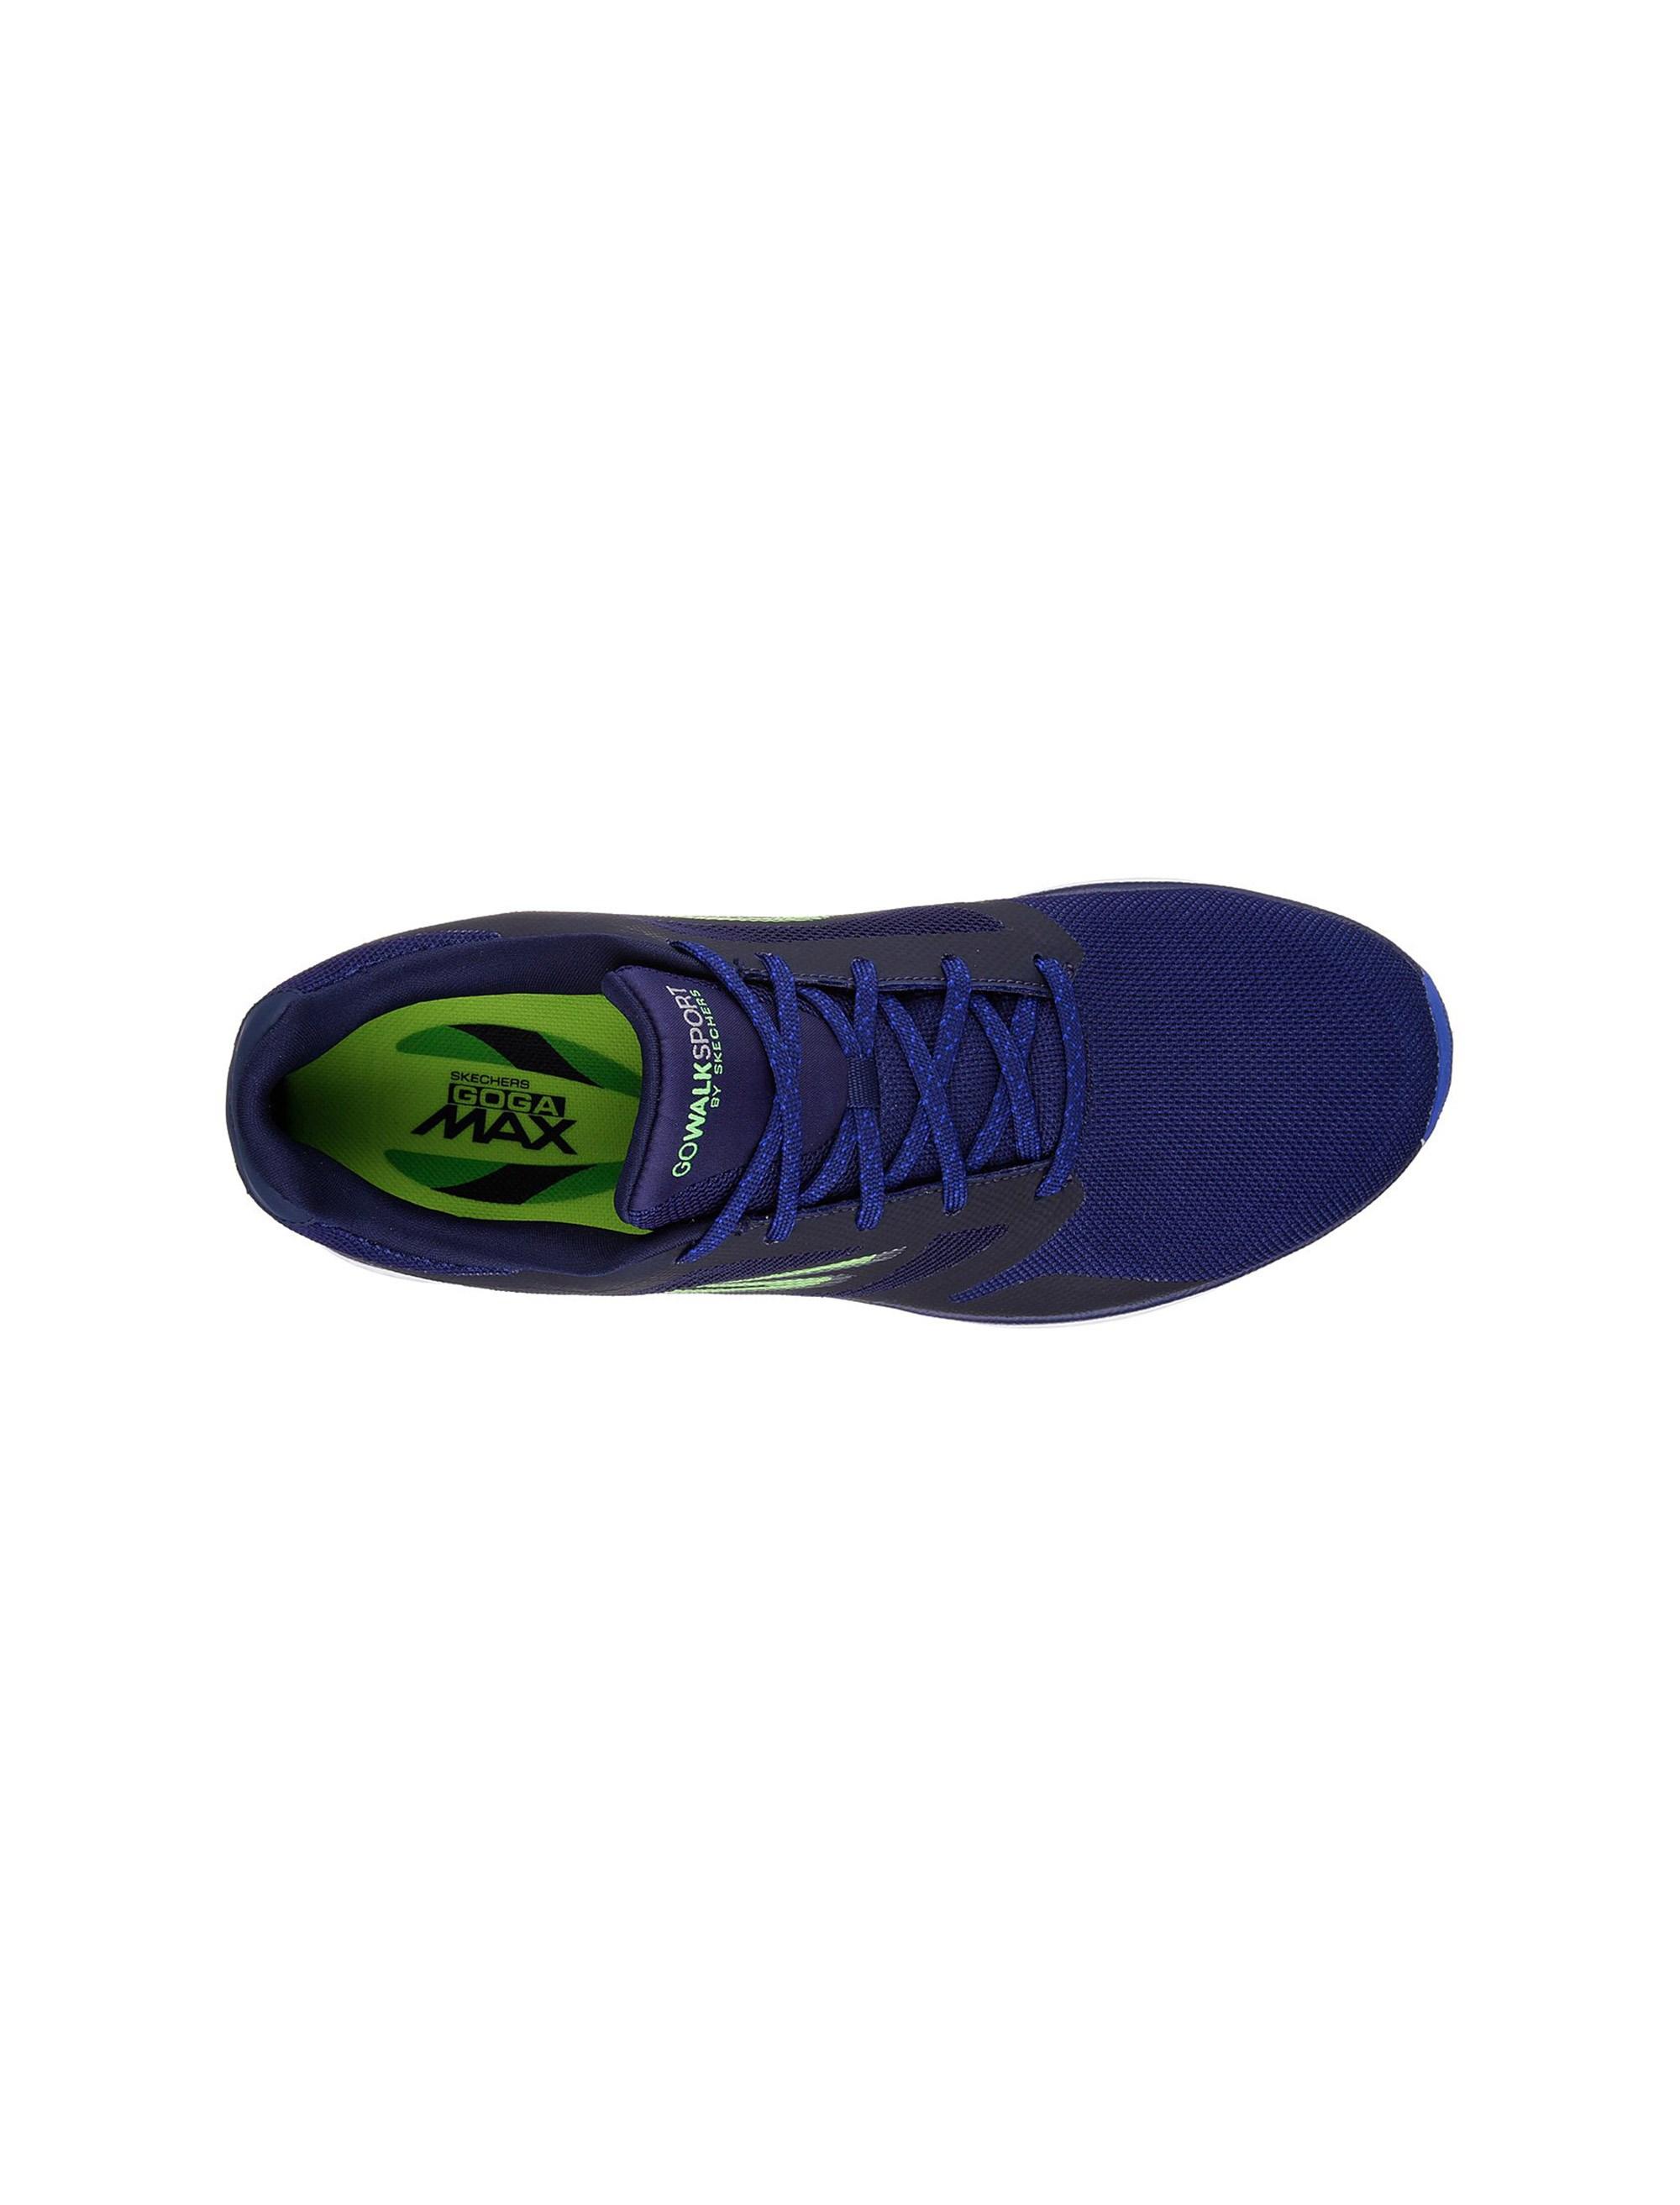 کفش پیاده روی بندی مردانه GOwalk Sport Power - اسکچرز